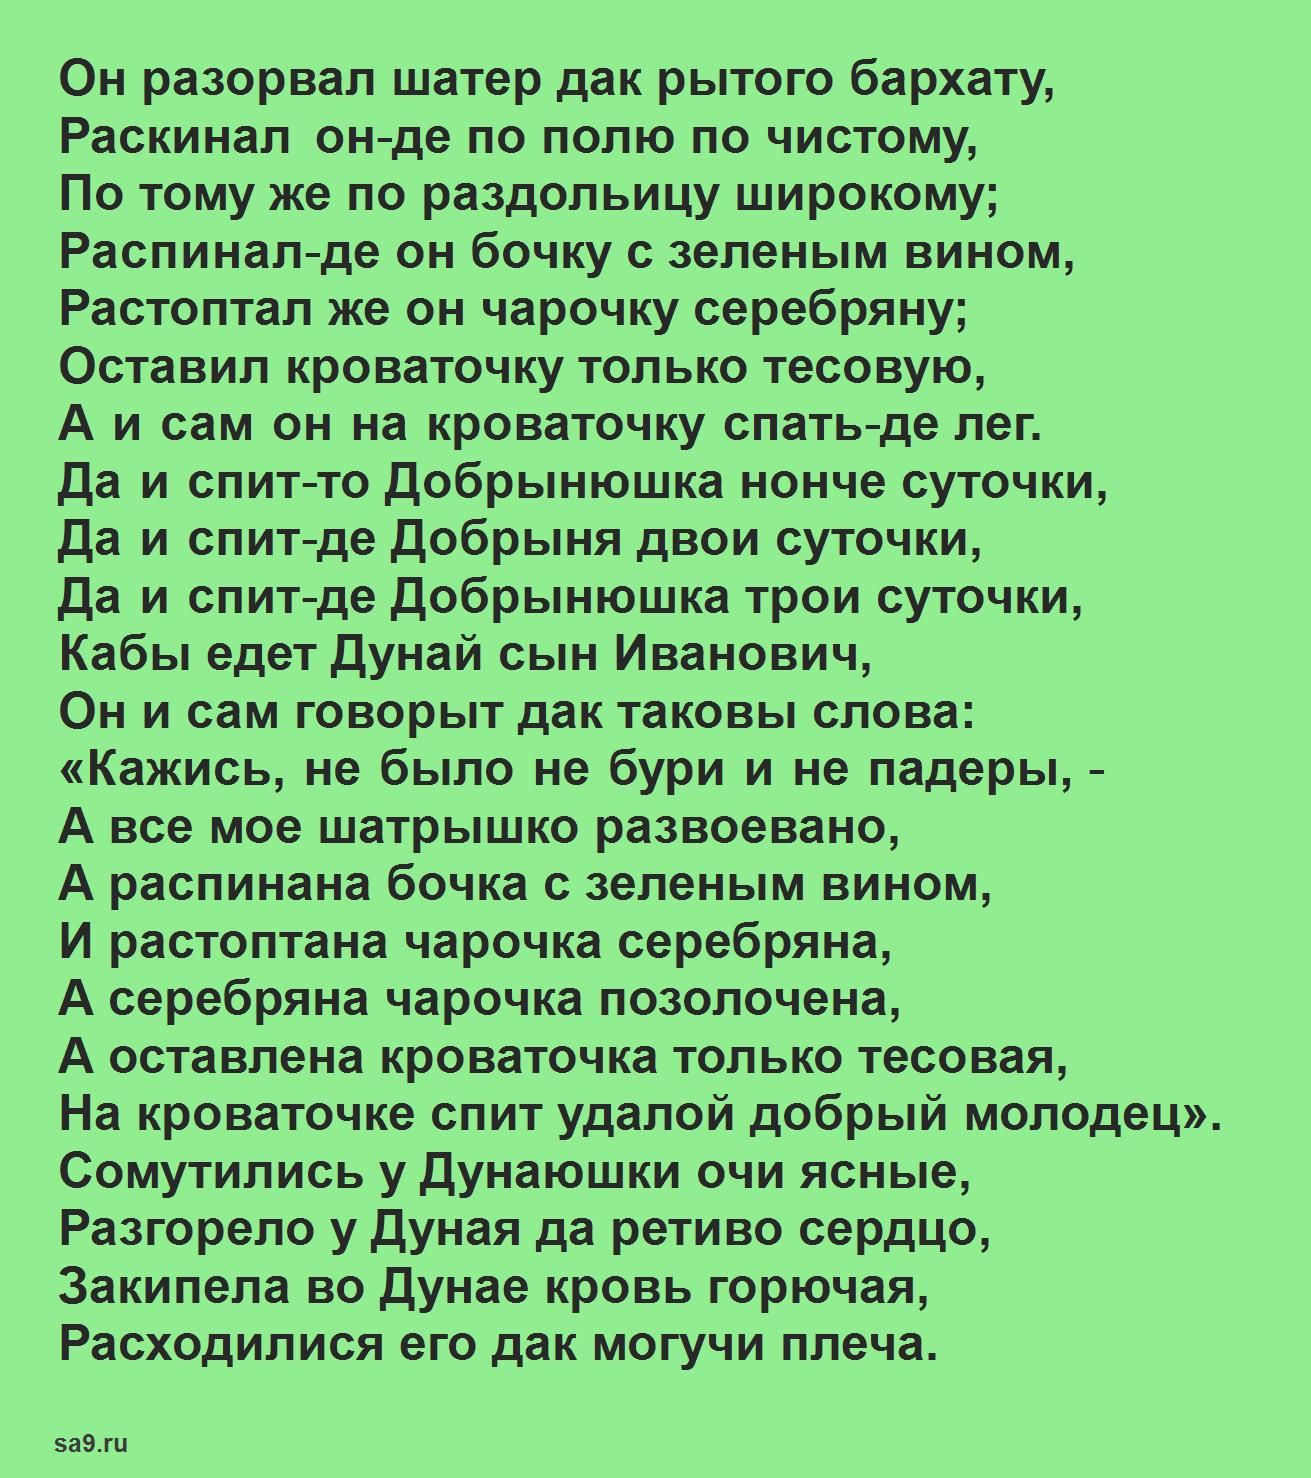 Читать былину - Бой Добрыни с Дунаем